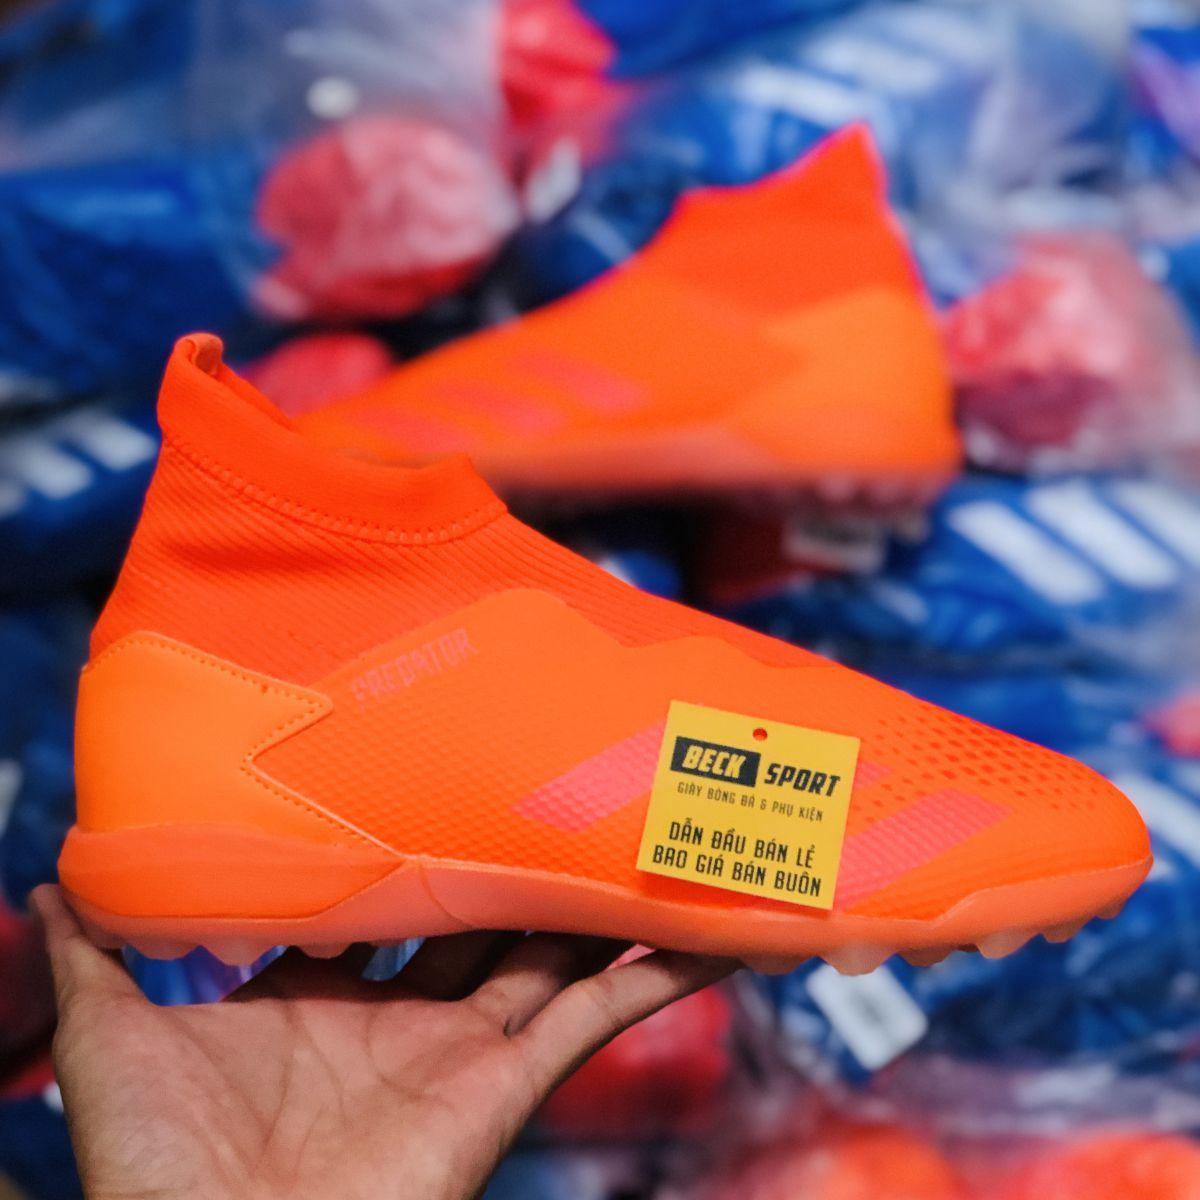 Giày Bóng Đá Adidas Predator 20.3 LL Locality Đỏ Cam Không Dây Cao Cổ TF